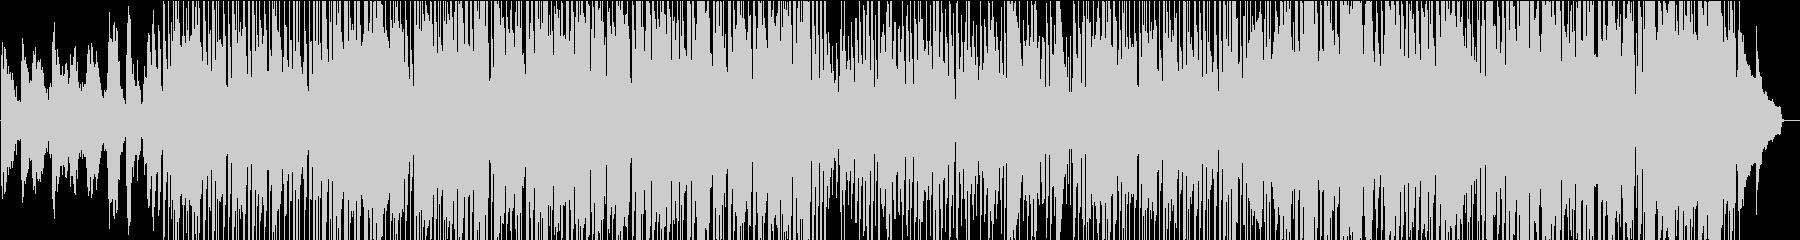 サックスとギターアドリブ満載のJazzの未再生の波形